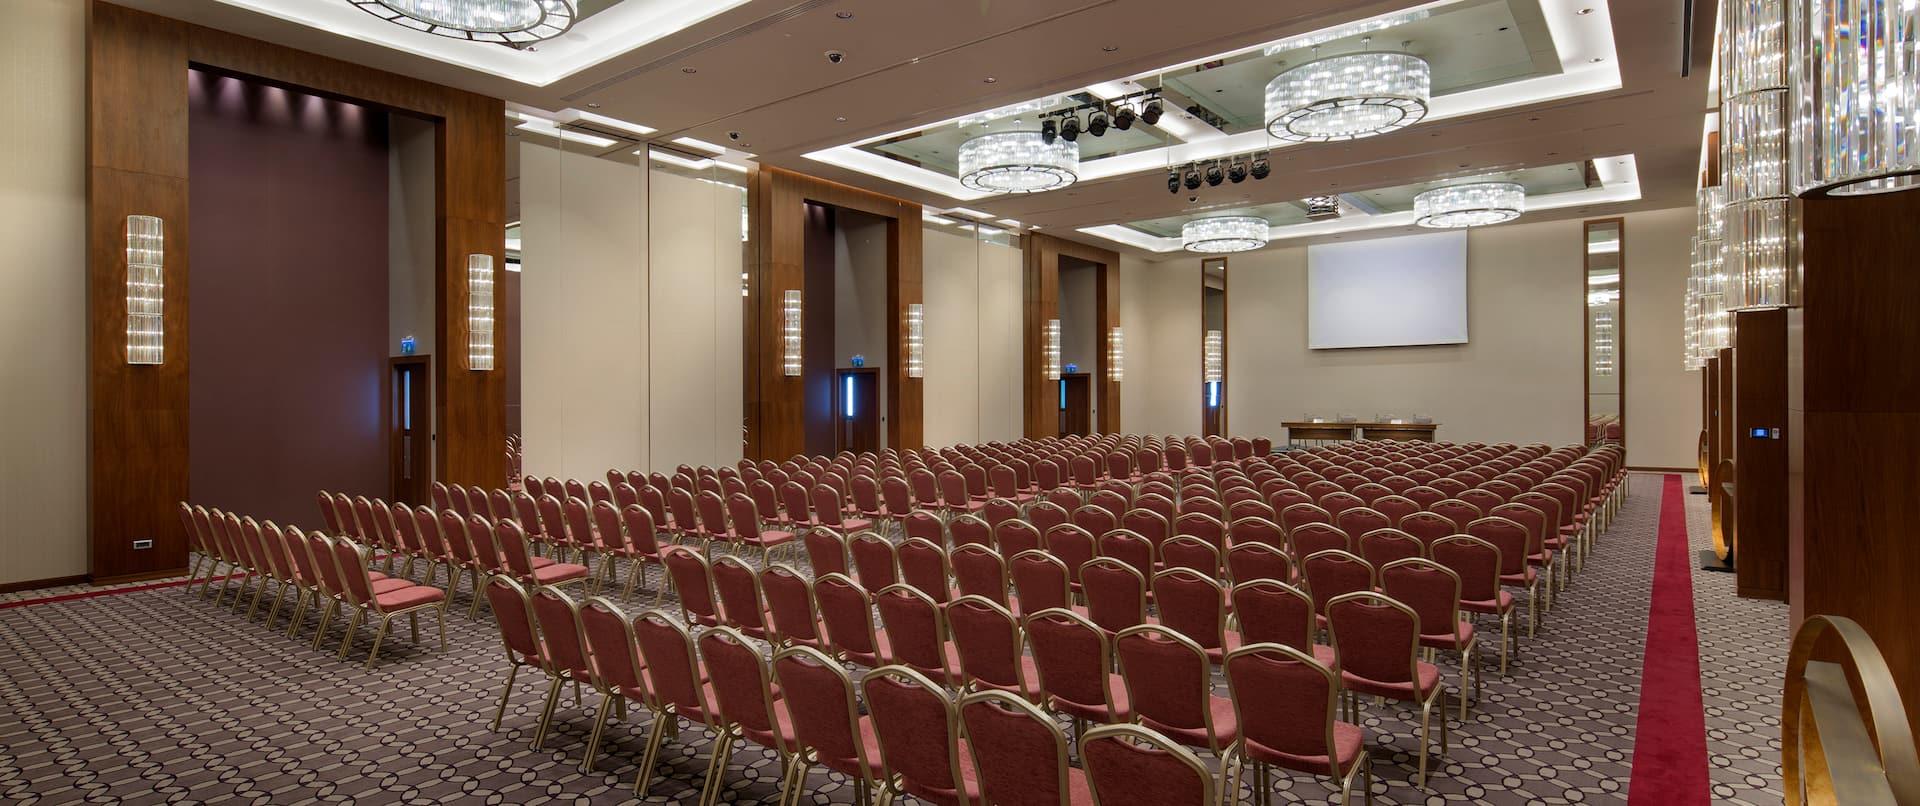 Rustaveli meeting room